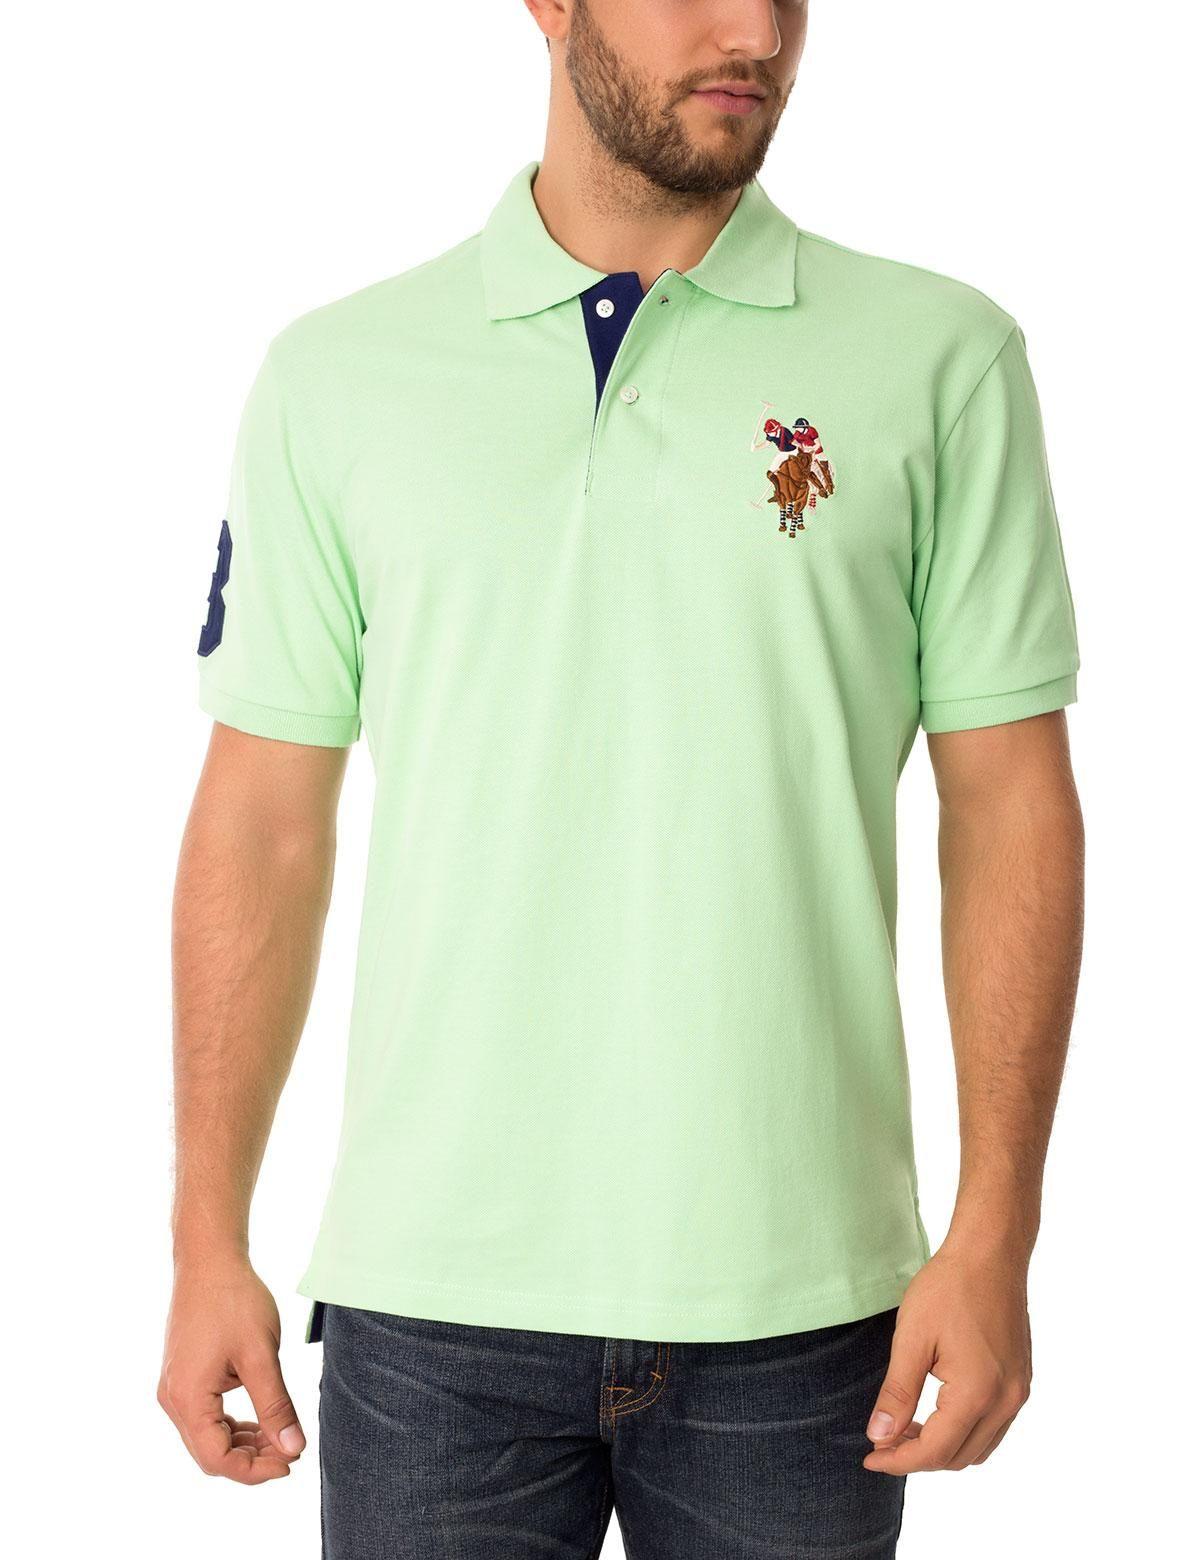 #US Polo Association - #US Polo Association U.S. Polo Assn. Multi Color  Logo. Polo Shirt BrandsPolo TeesMen's PoloTee ...